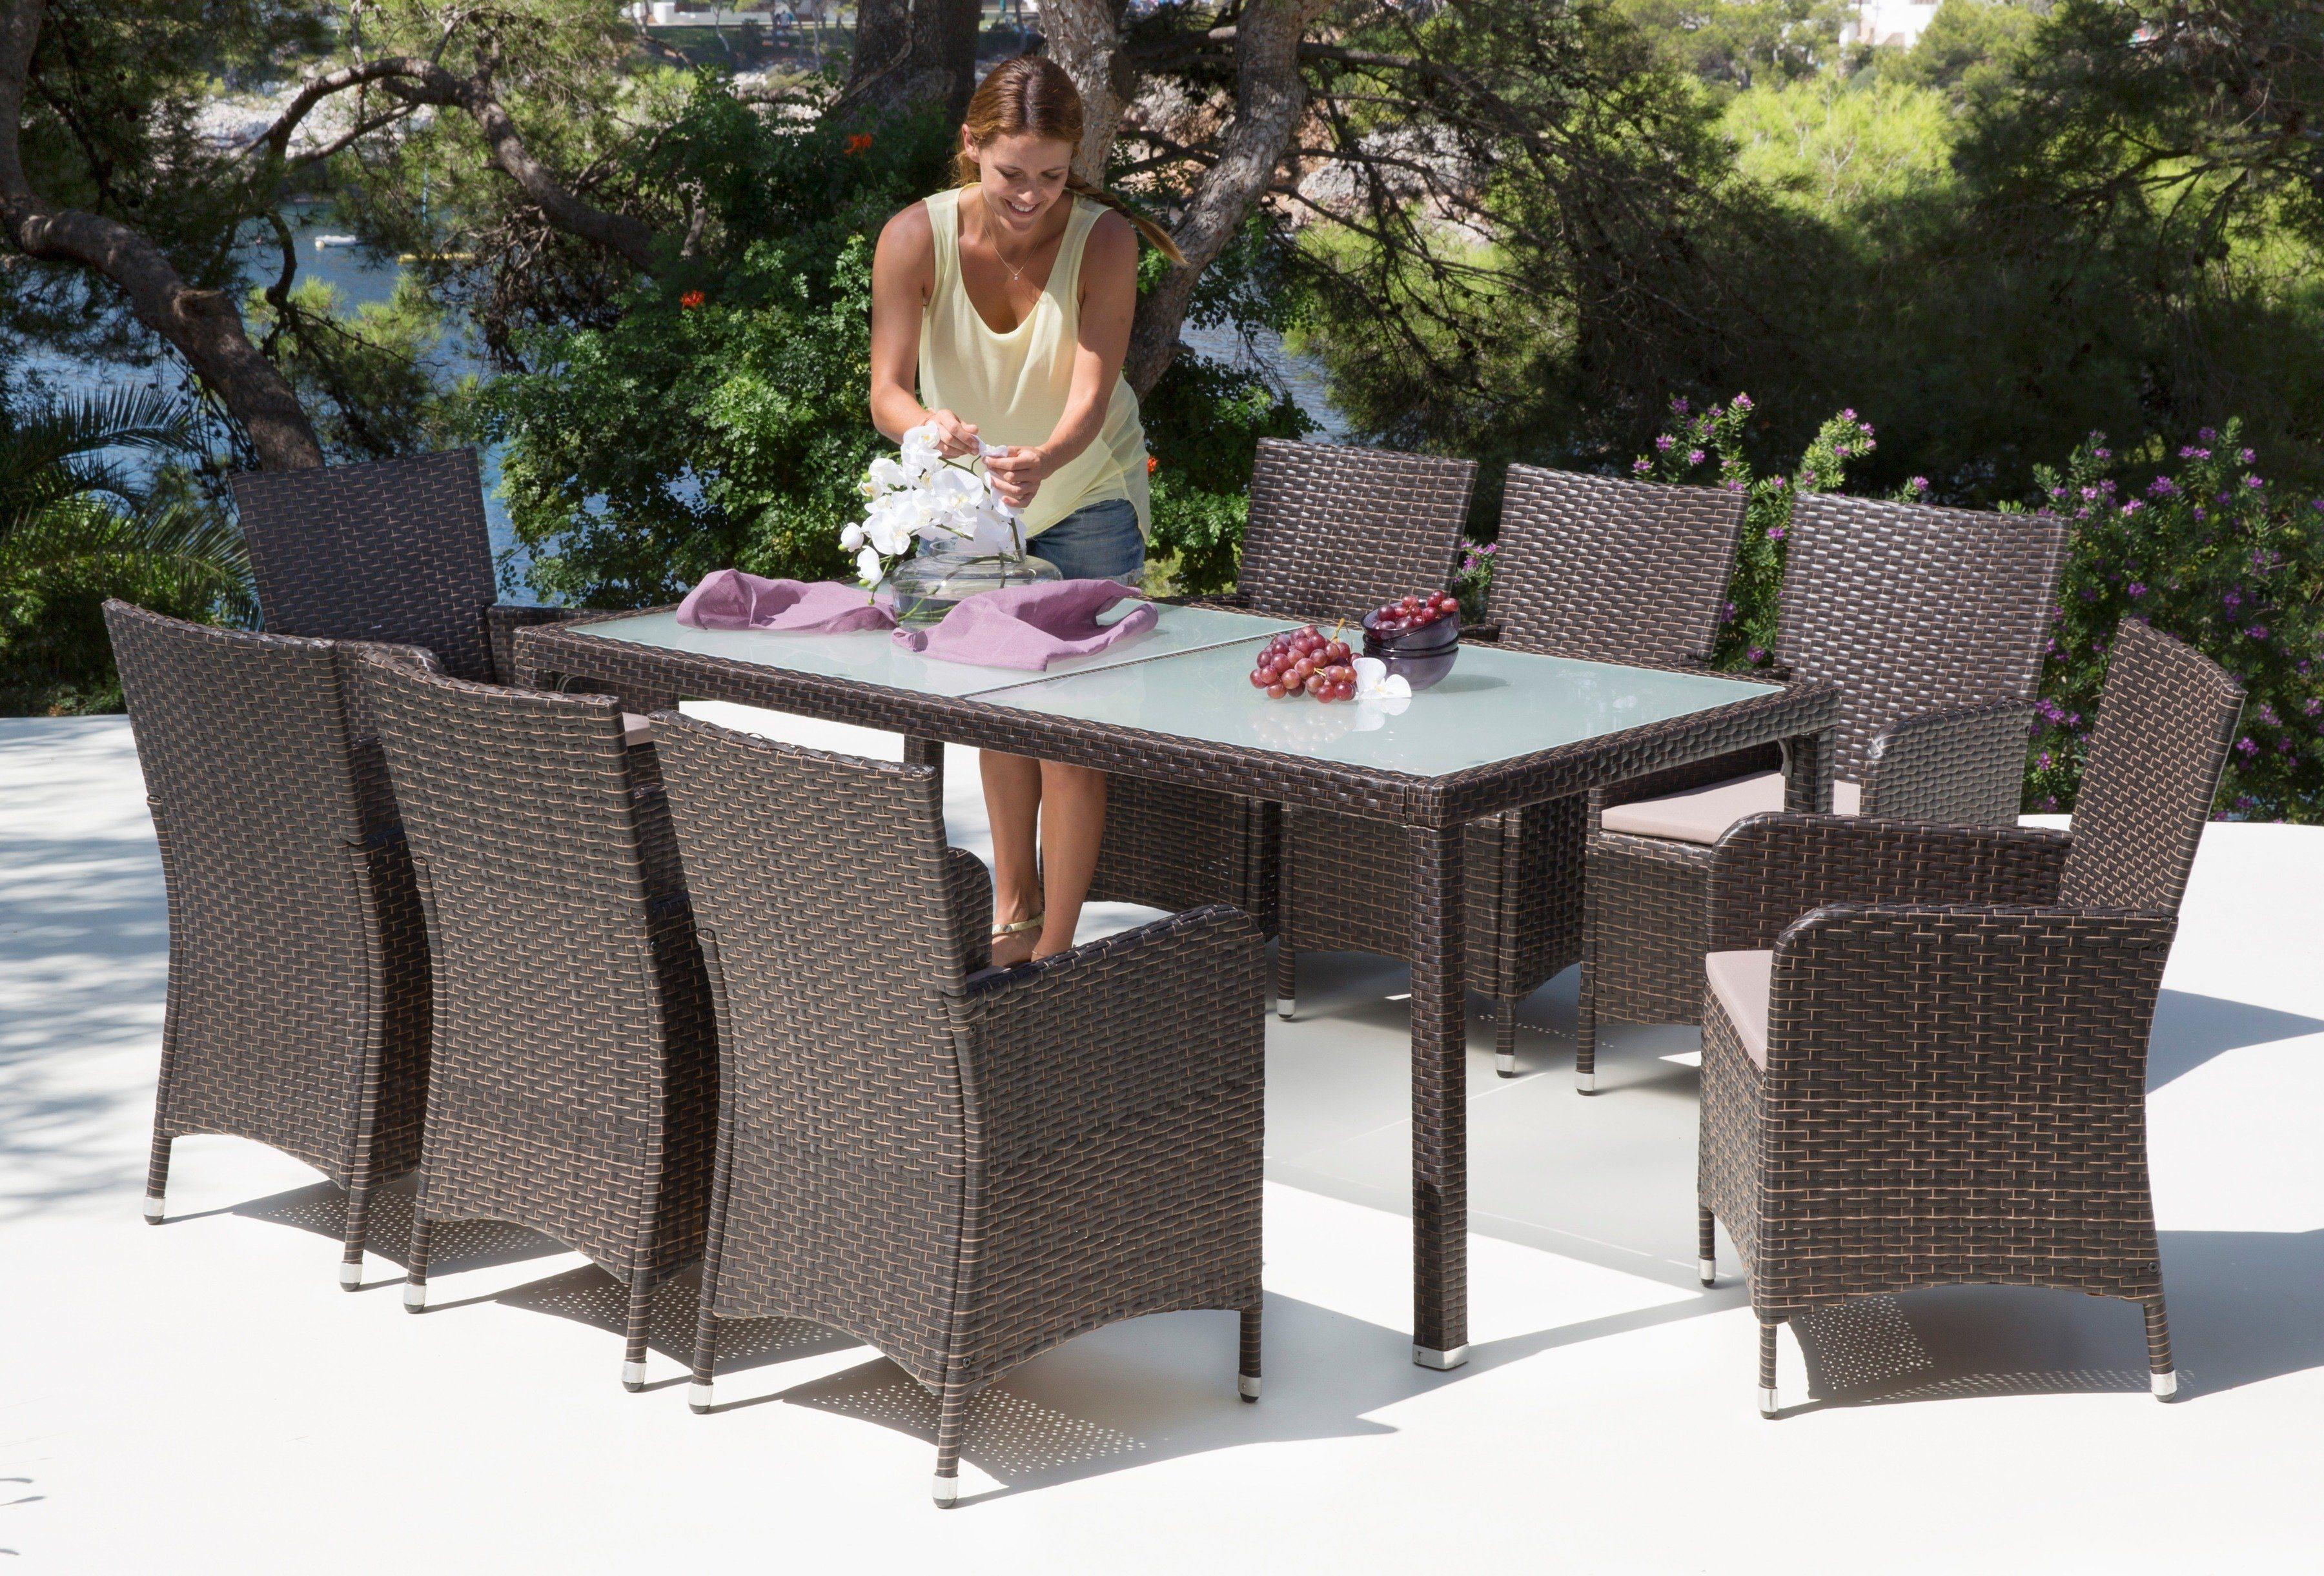 MERXX Gartenmöbelset »San Remo«, 17-tlg., 8 Sessel, Tisch185x90 cm, Polyrattan